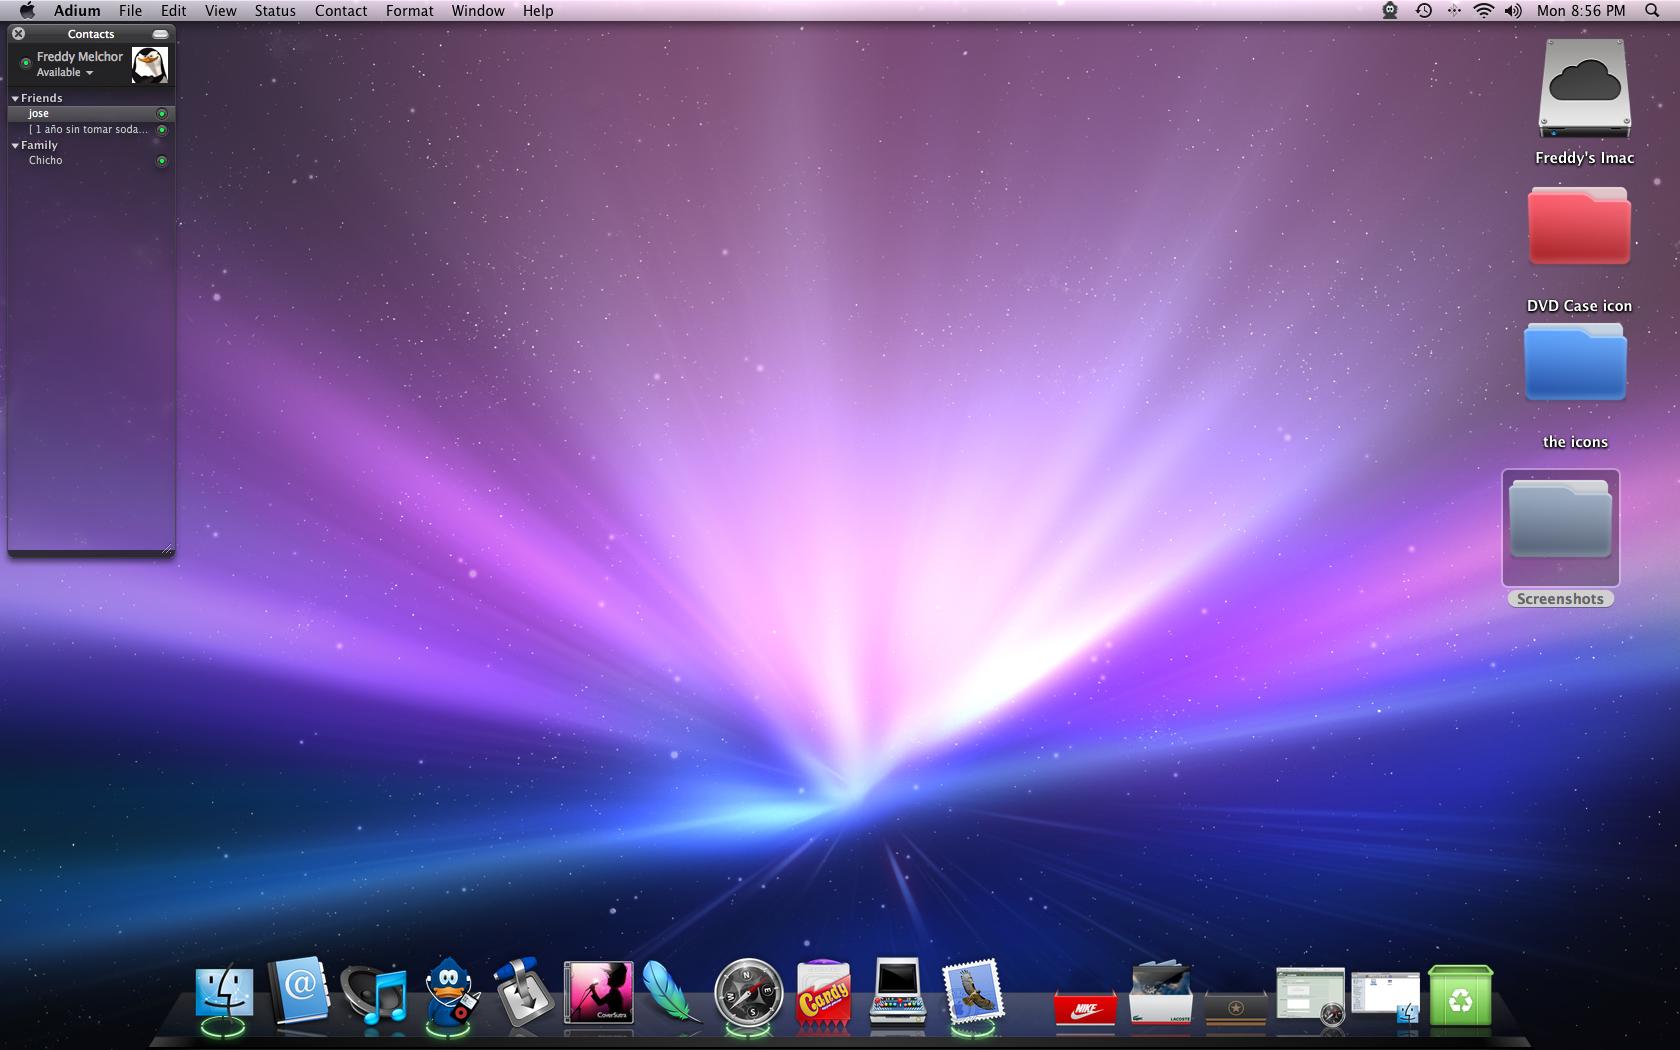 Как делать снимки экрана на компьютере Mac - Служба поддержки Apple